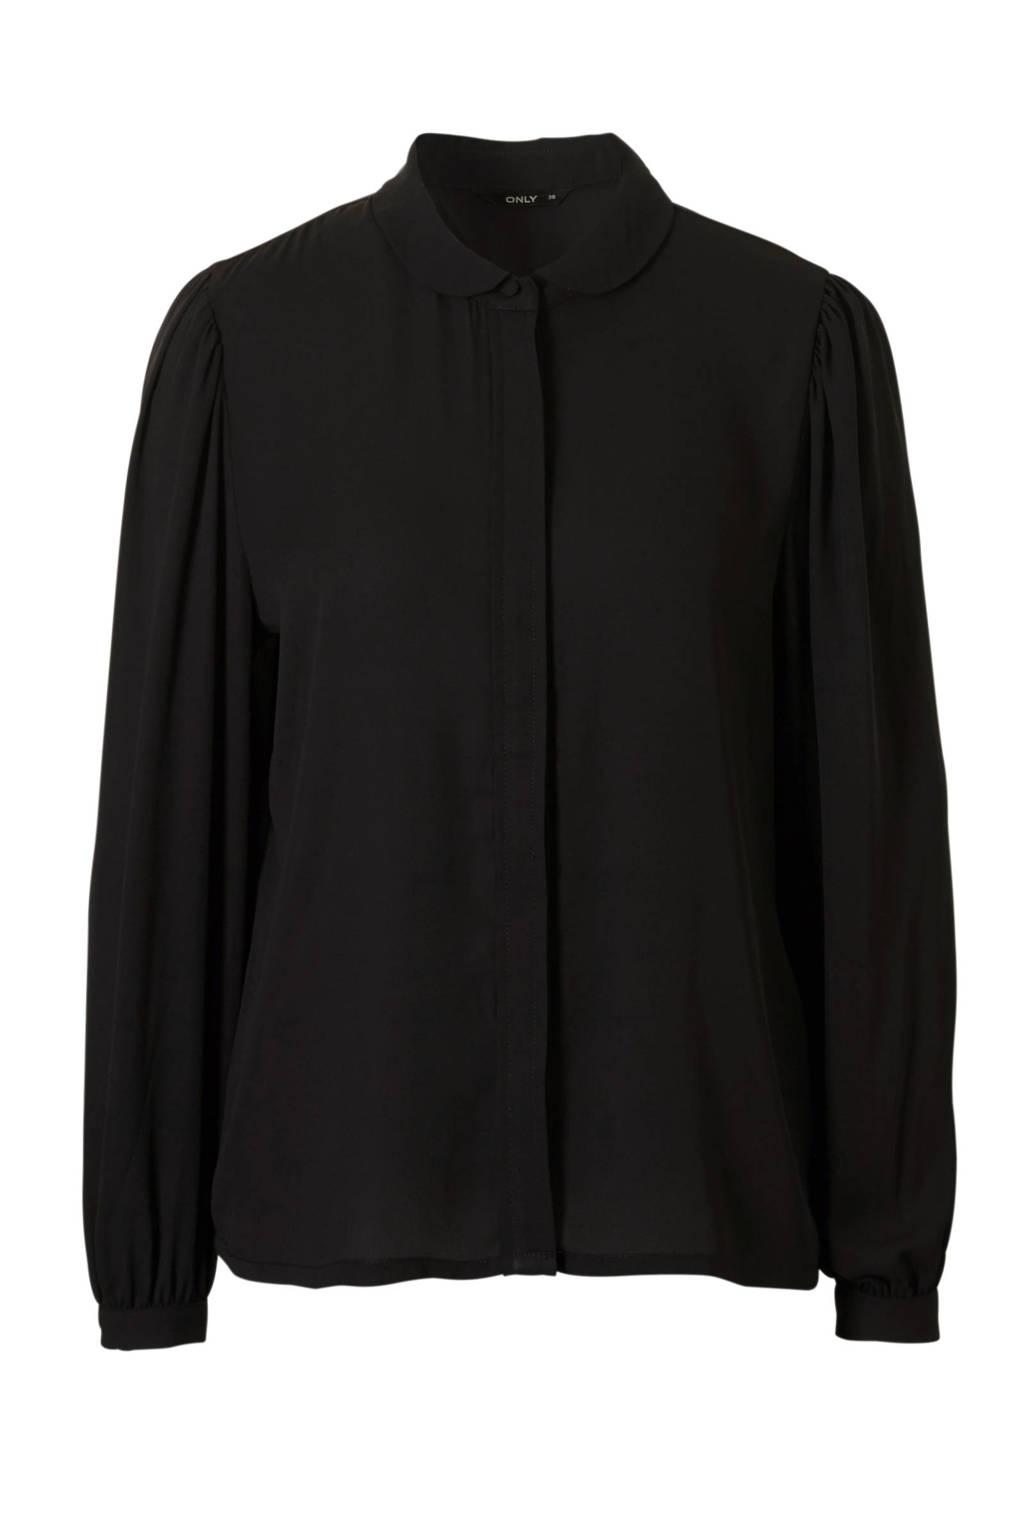 ONLY blouse, Zwart